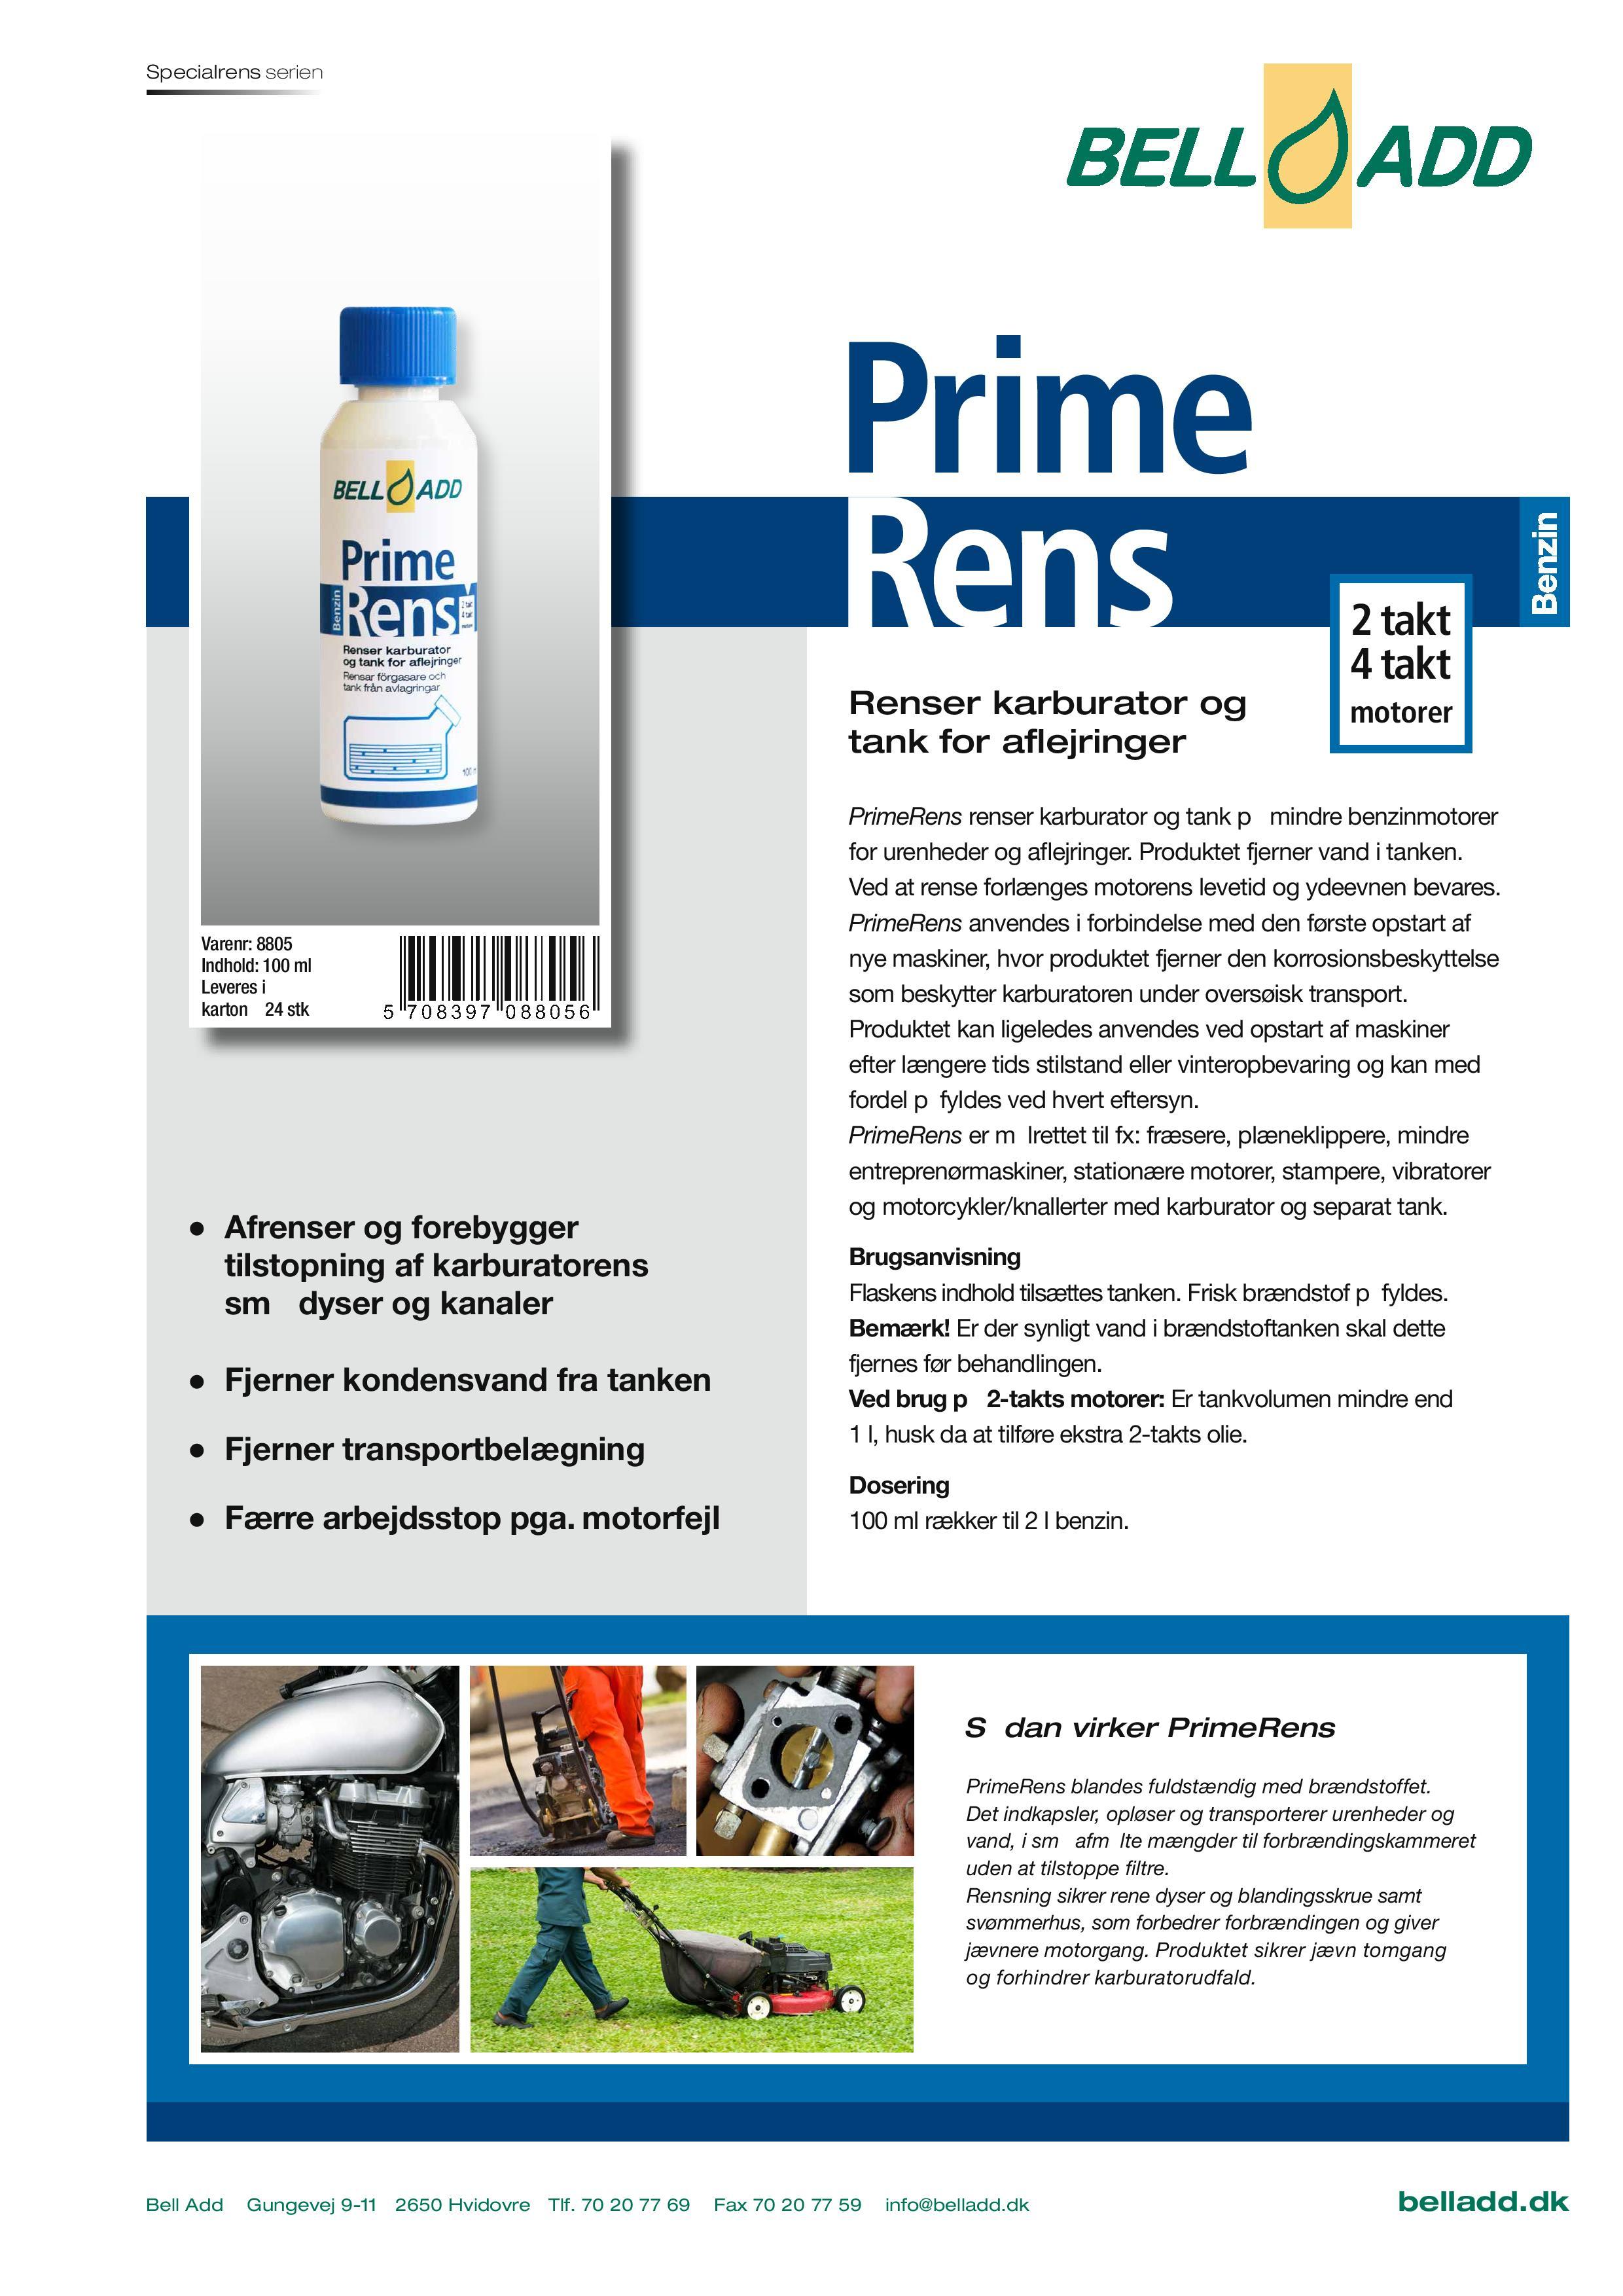 Instruktion i brugen af Bell add prime rens